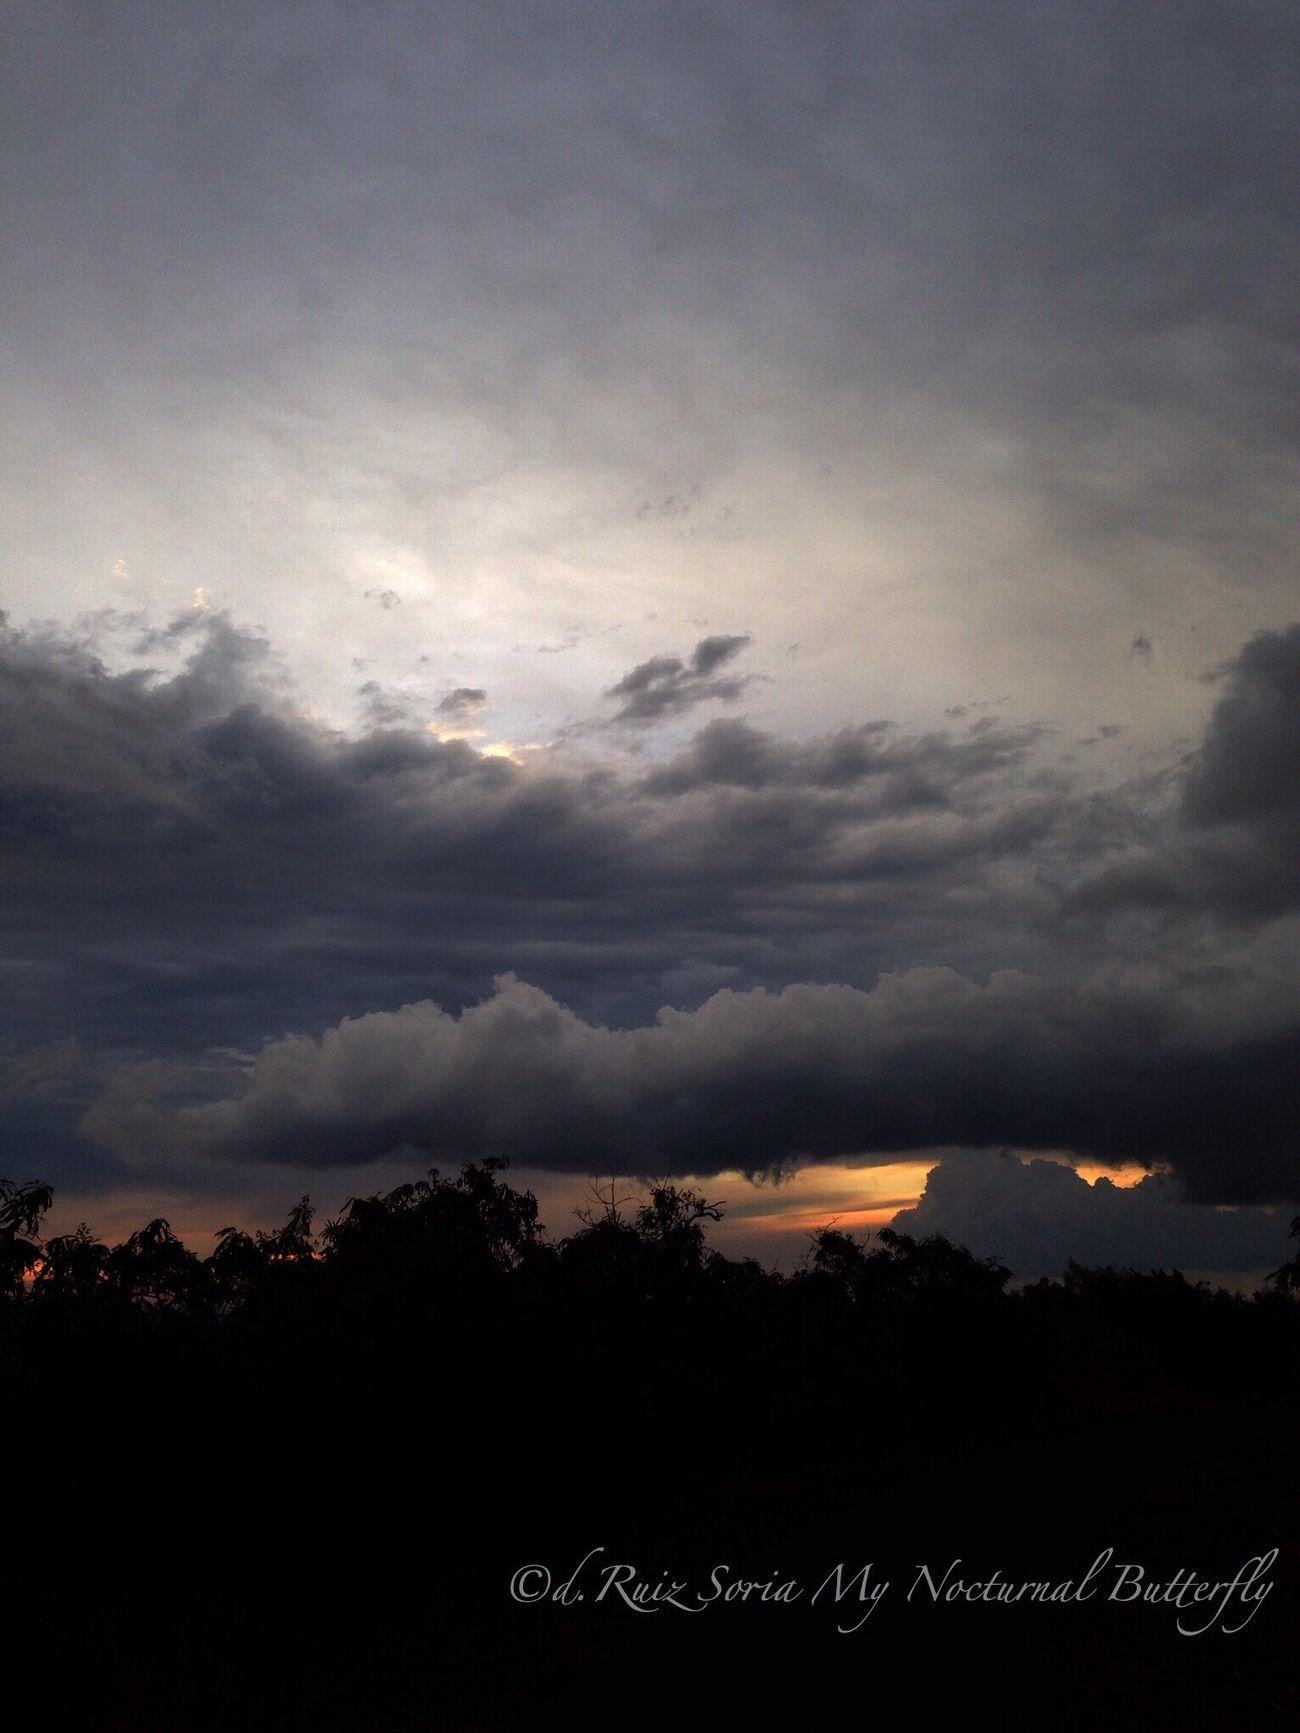 EyeEm Best Shots - Nature EyeEm Nature Lover Cloud_collection  Cloudporn